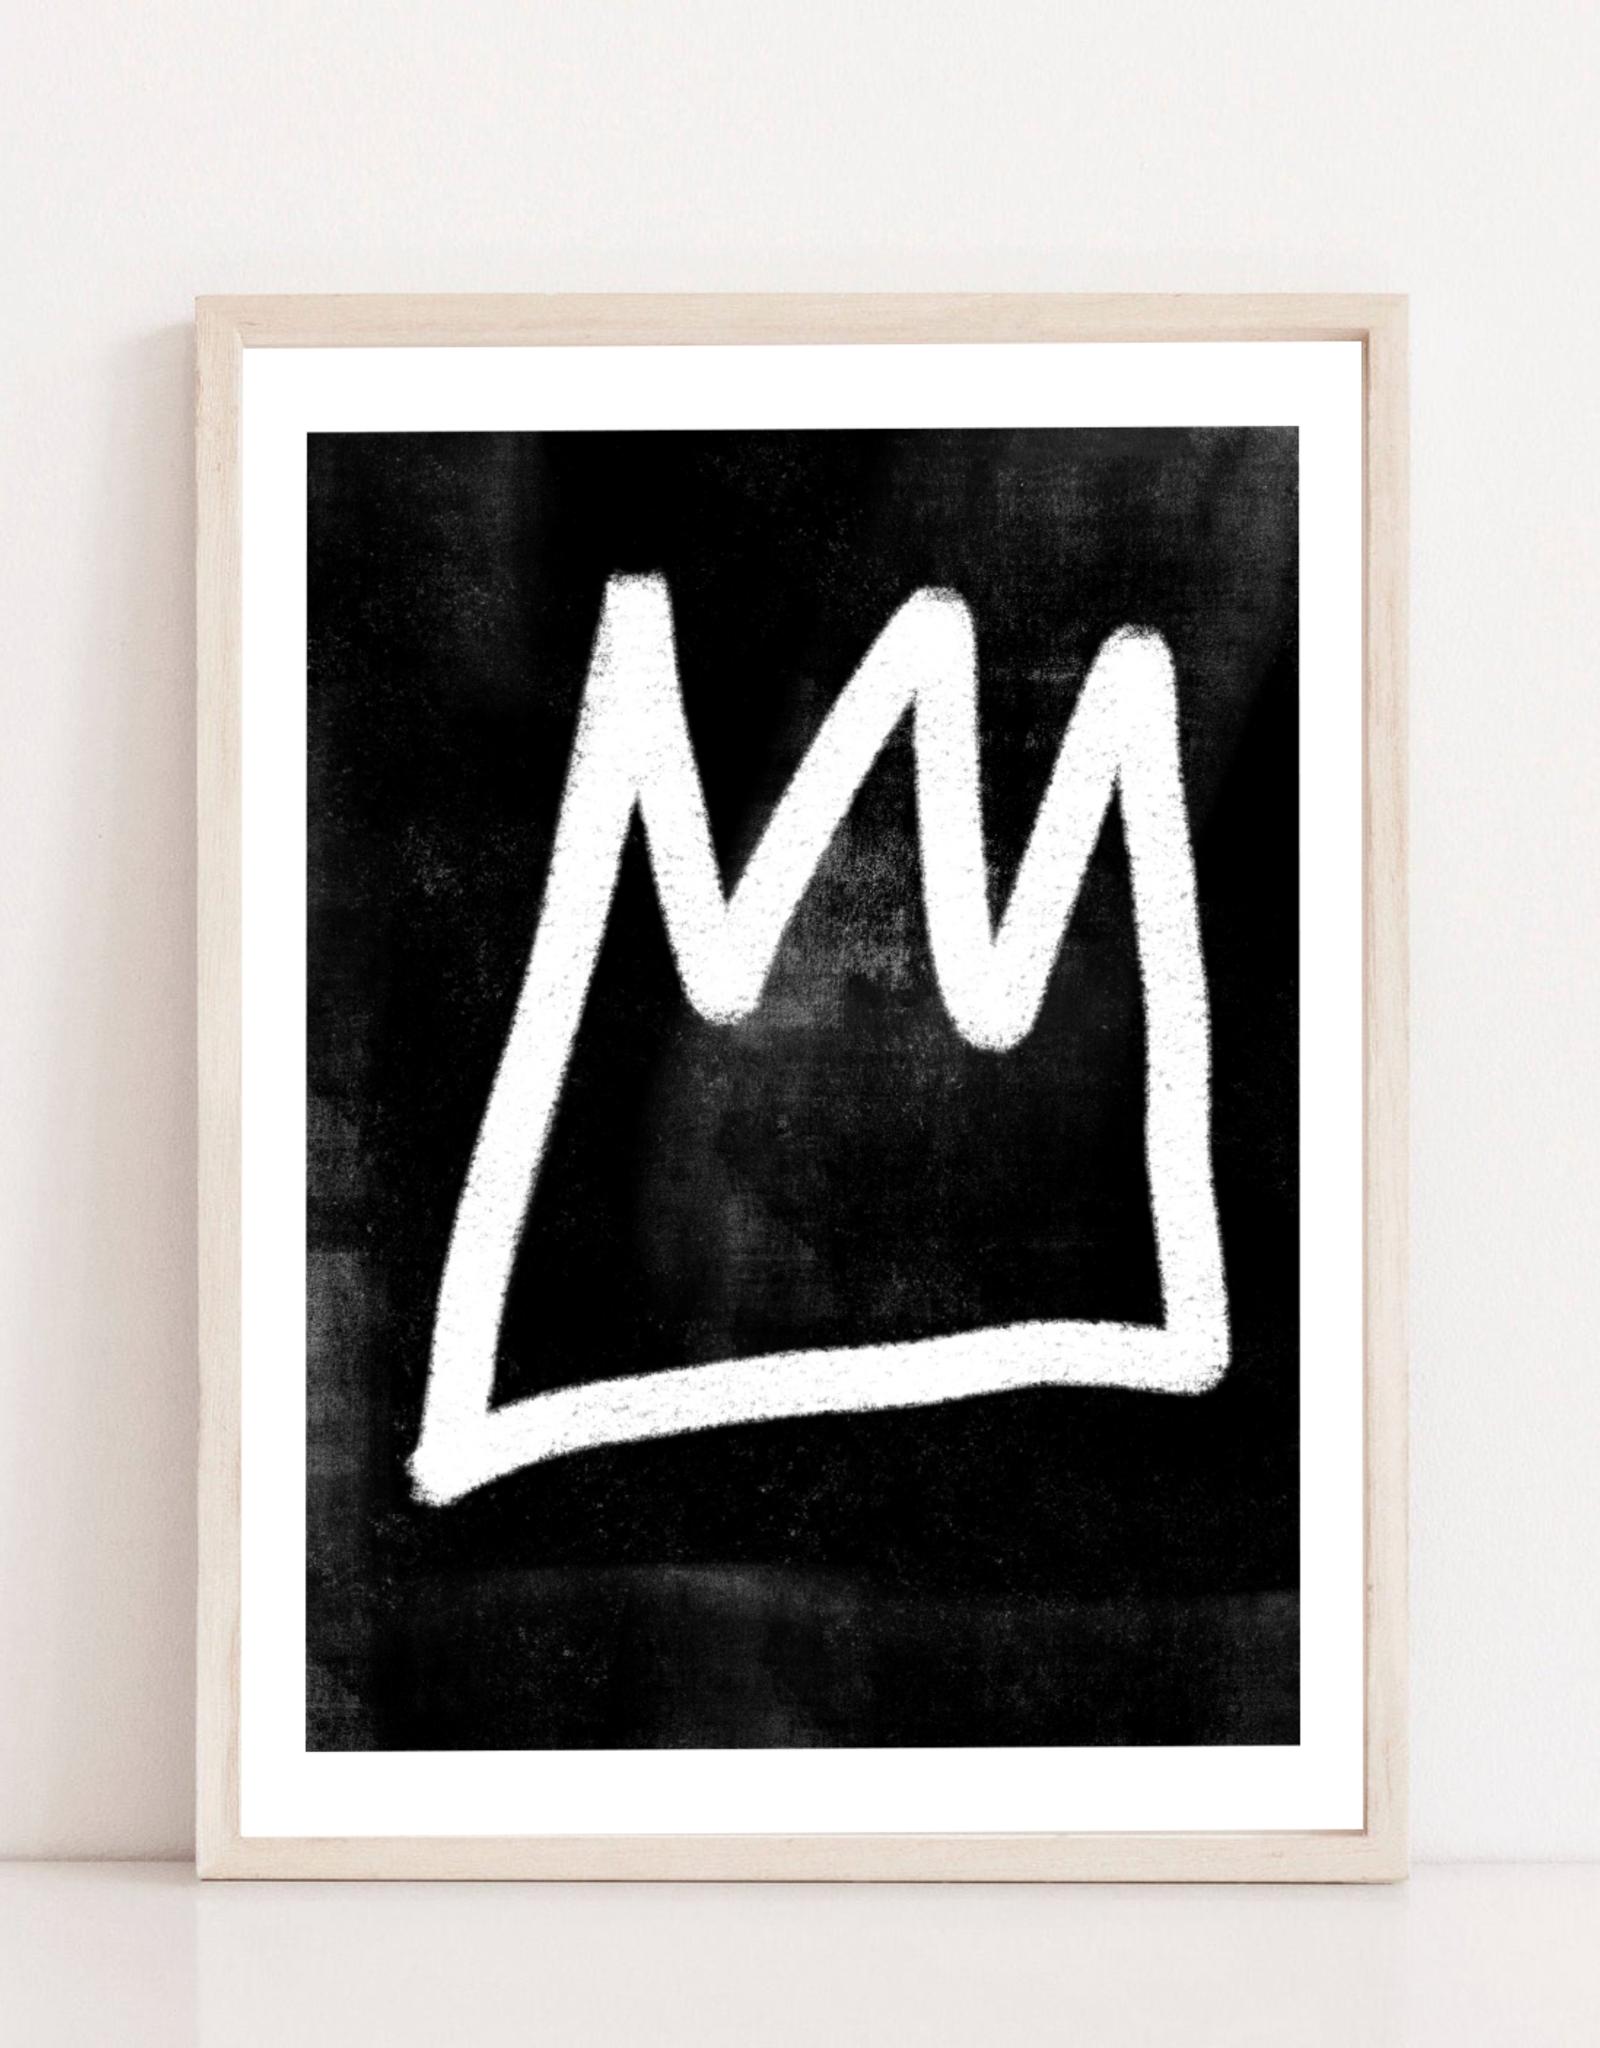 Toffie  Affichiste Affiche Crown 8x10